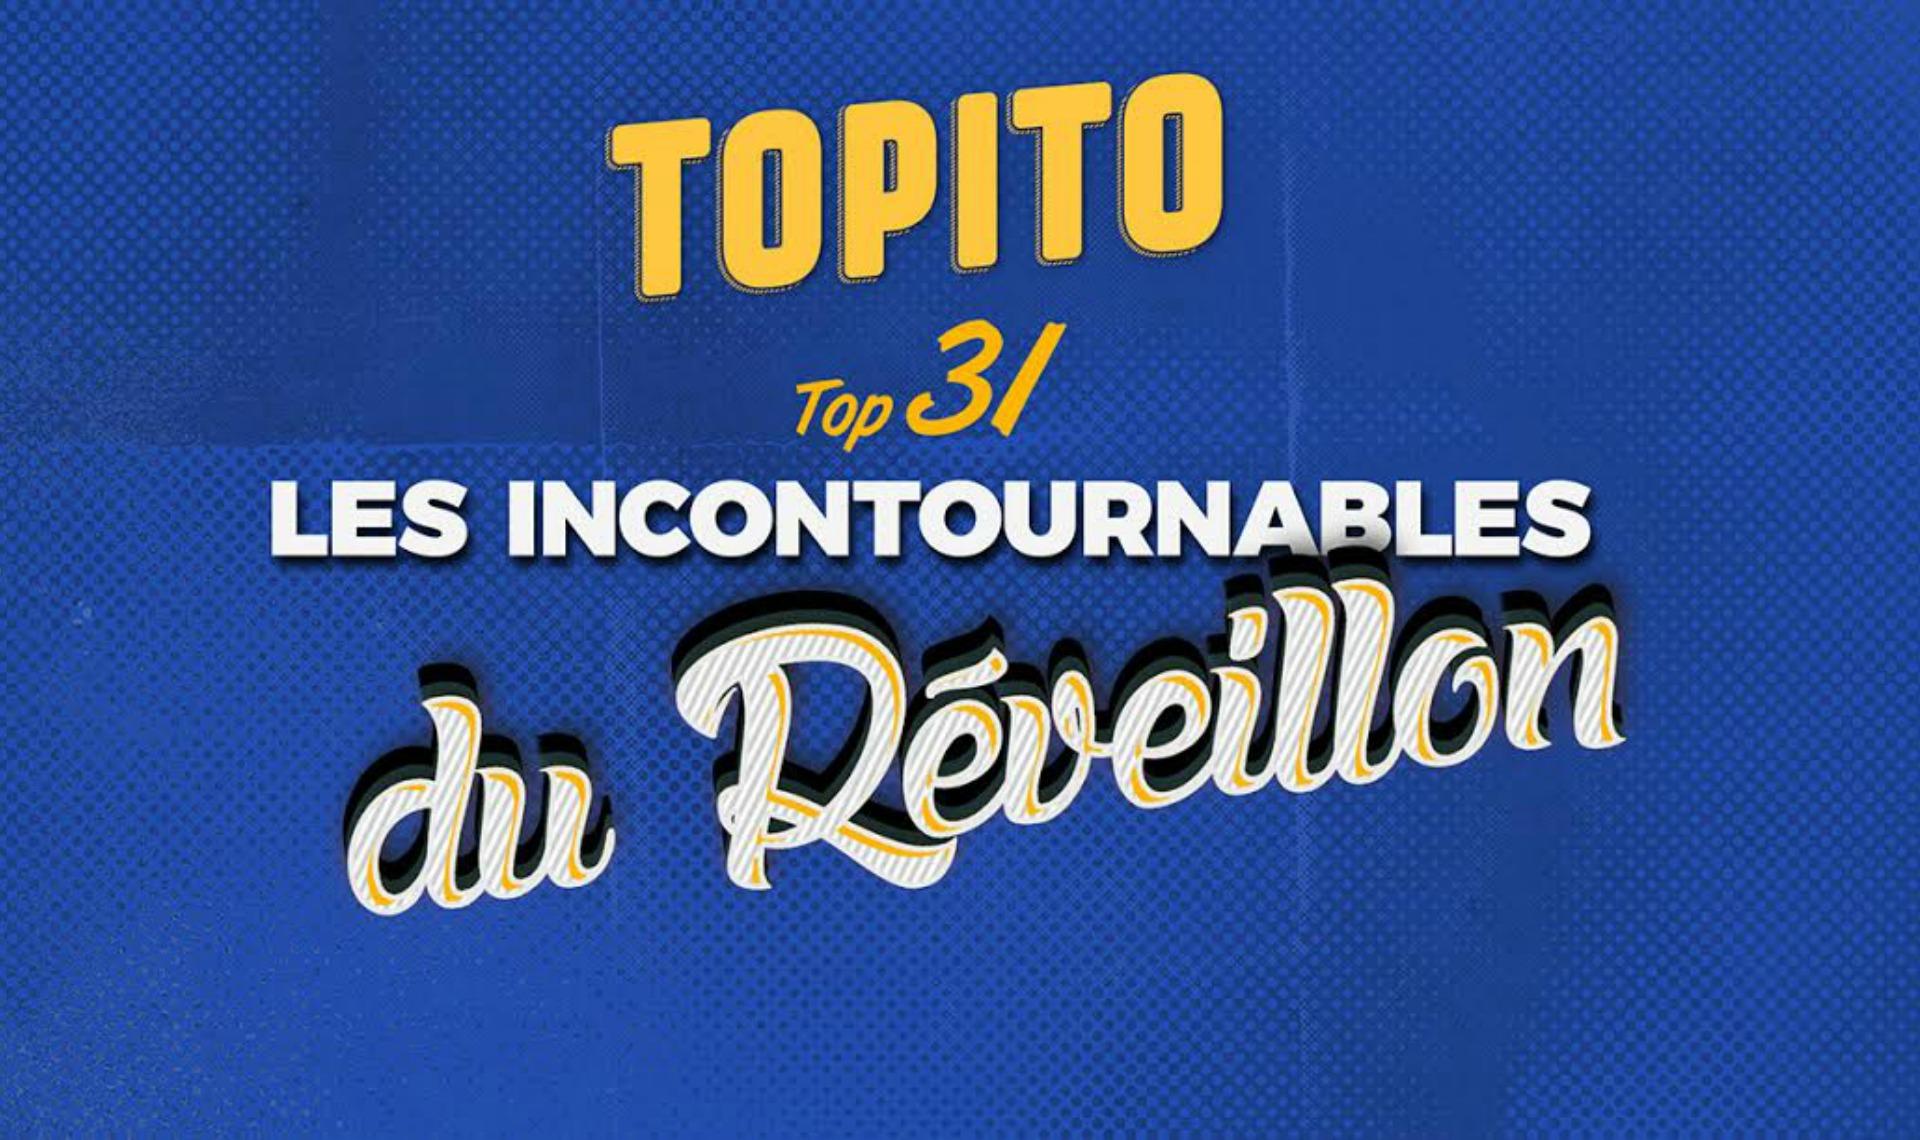 Top 31 des incontournables du r veillon topito - Reveillon 2015 insolite ...